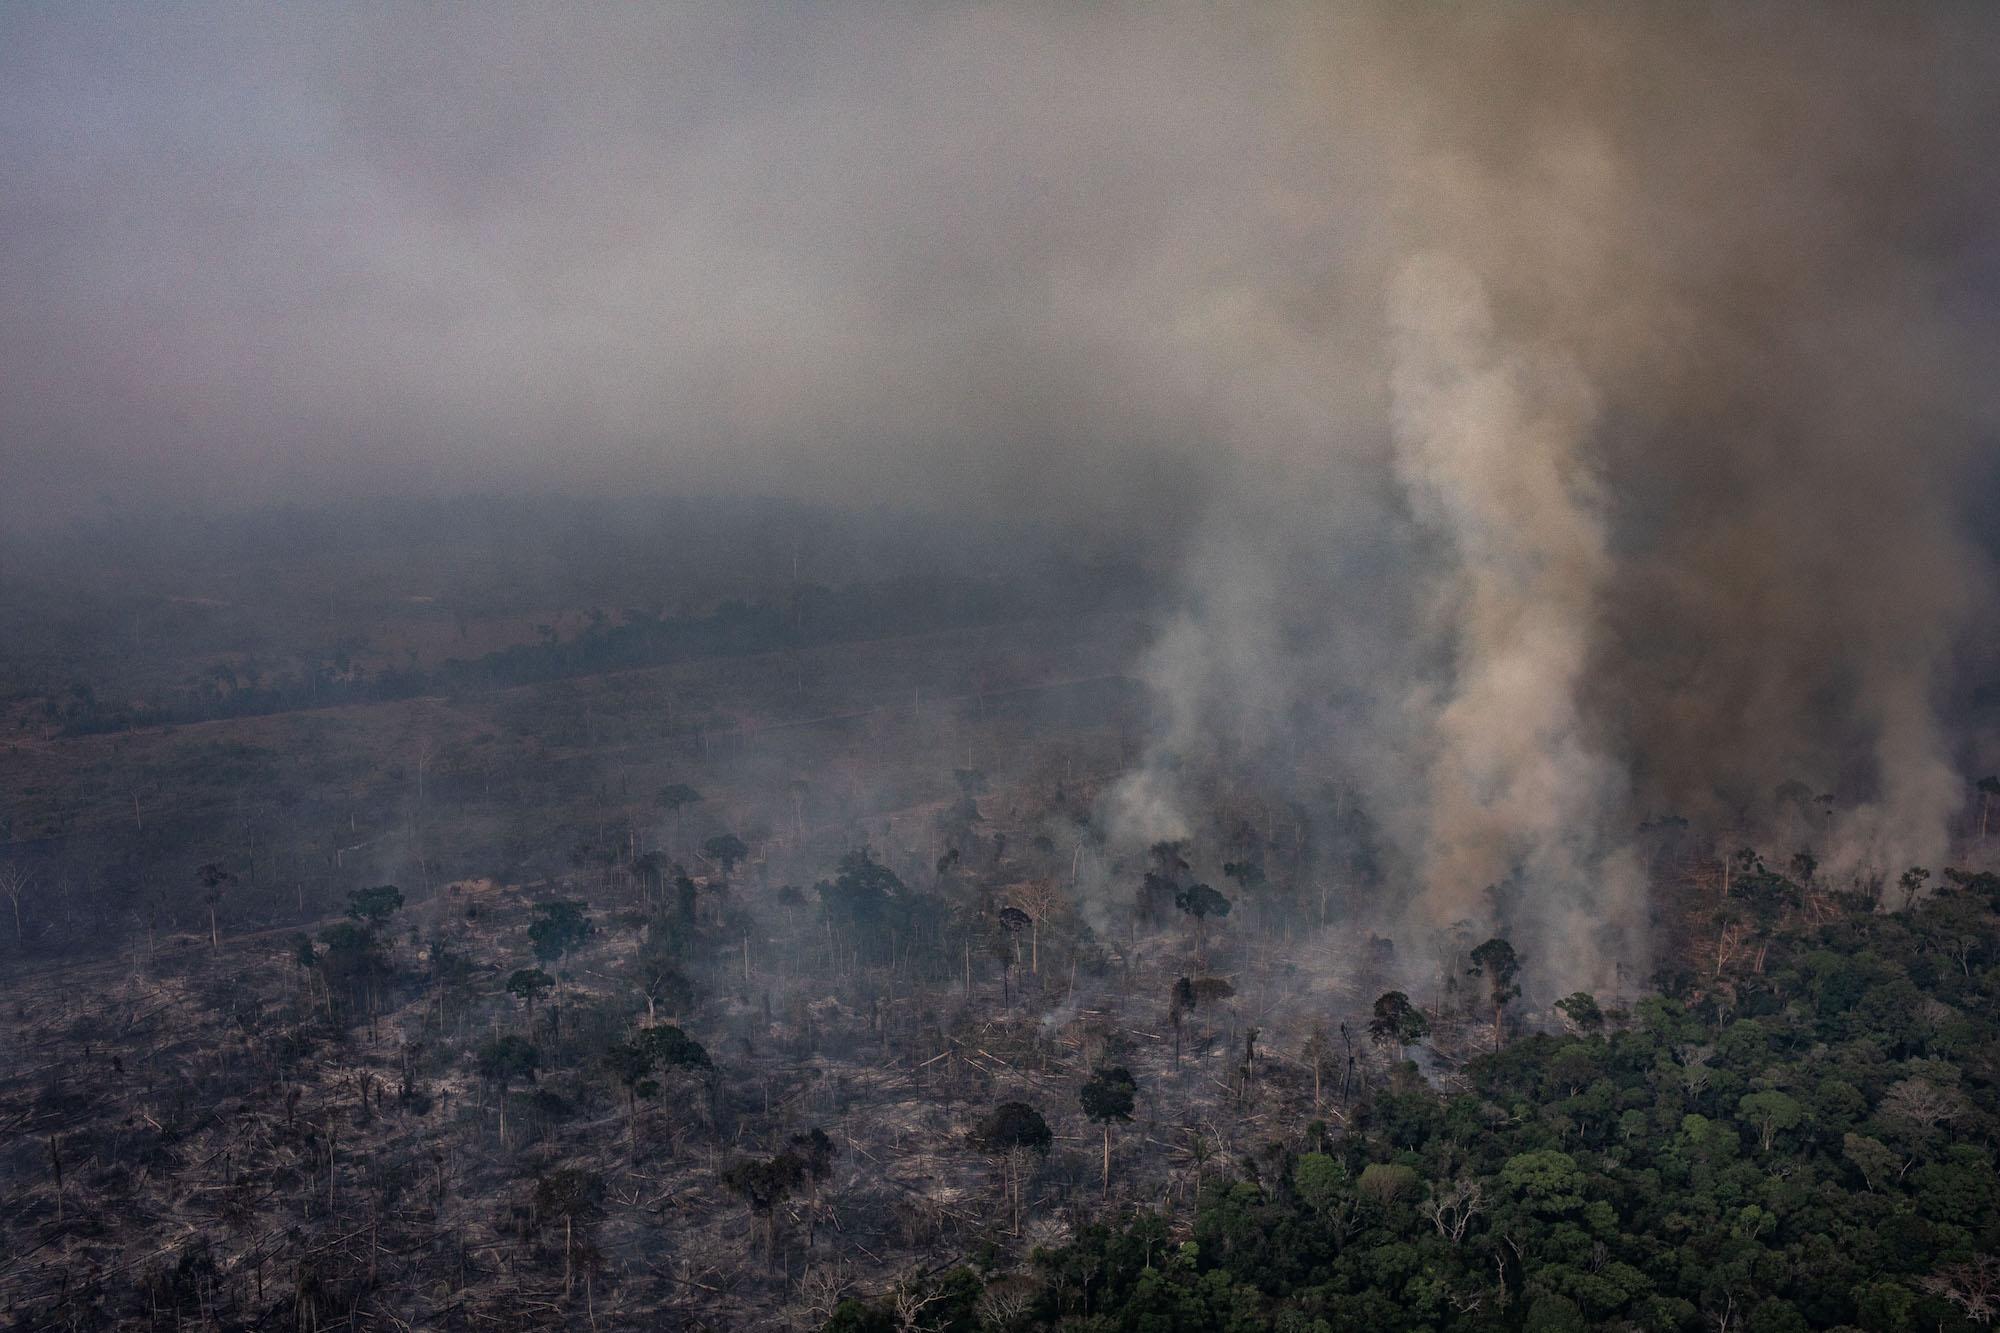 صورة. جوية من حرائق غابات الأمازون